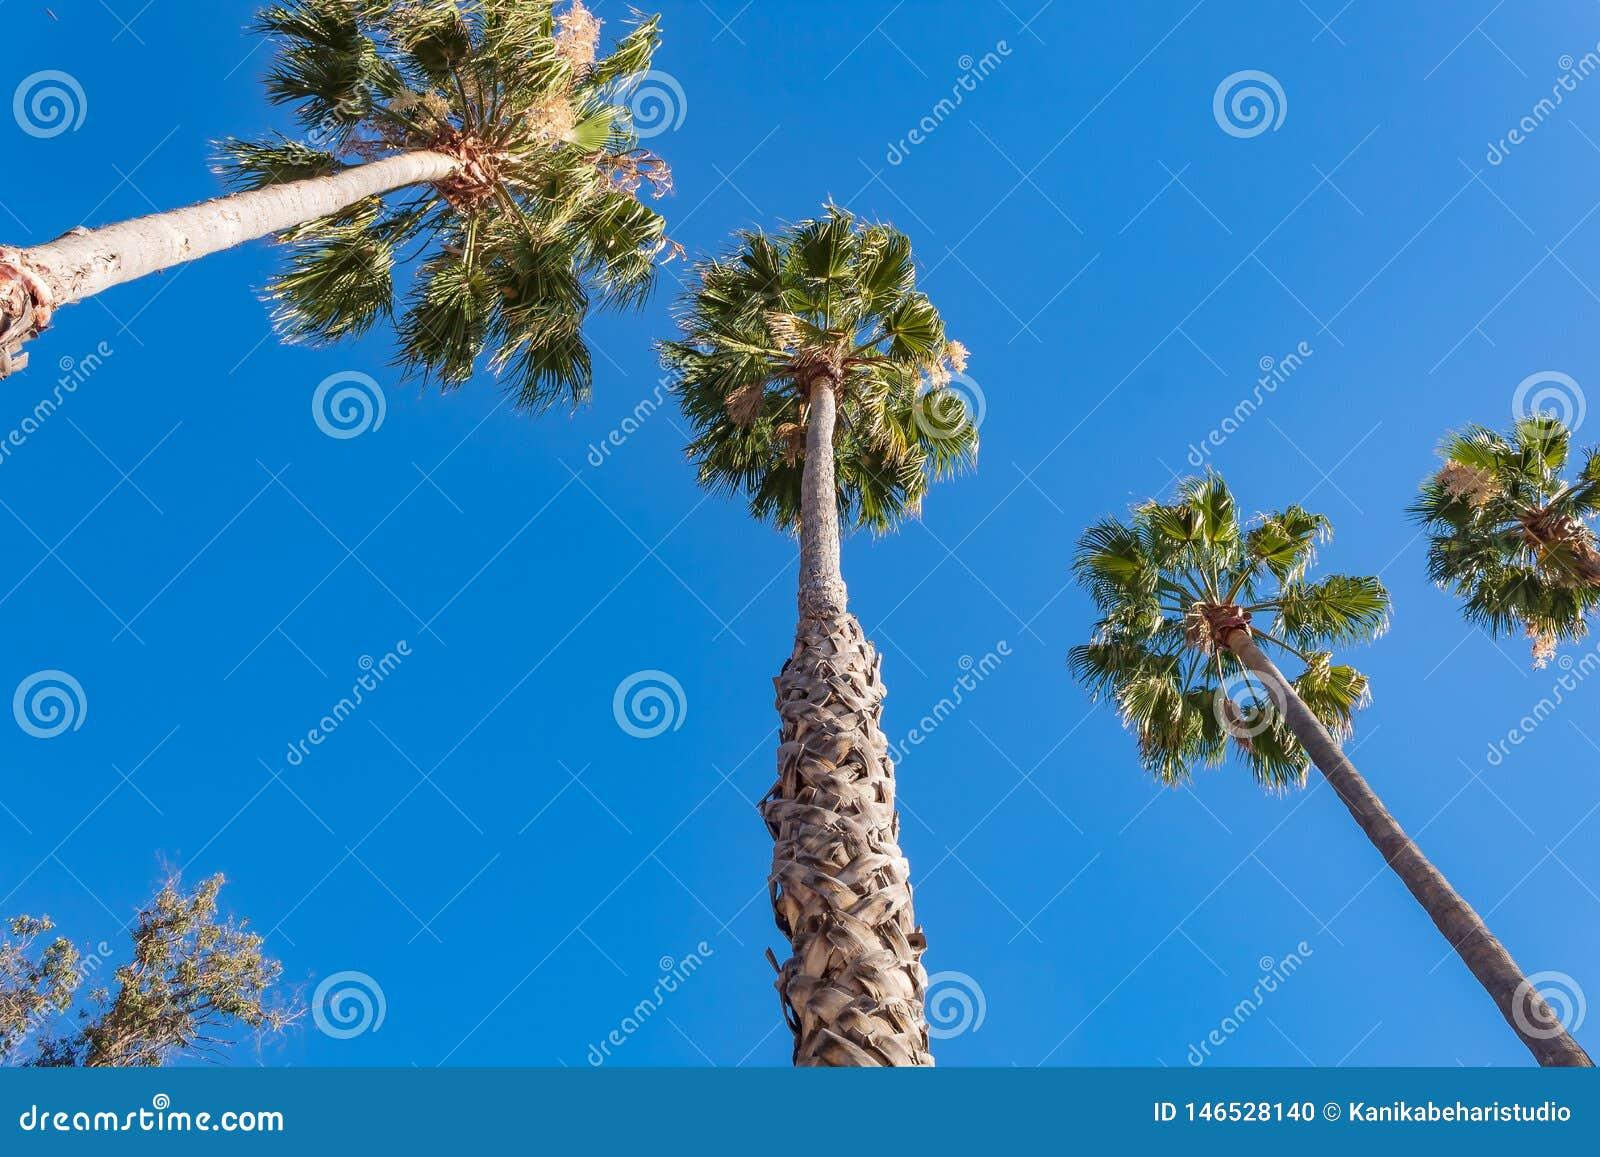 Drzewka palmowe z niebieskim niebem w pogodnym popołudniu